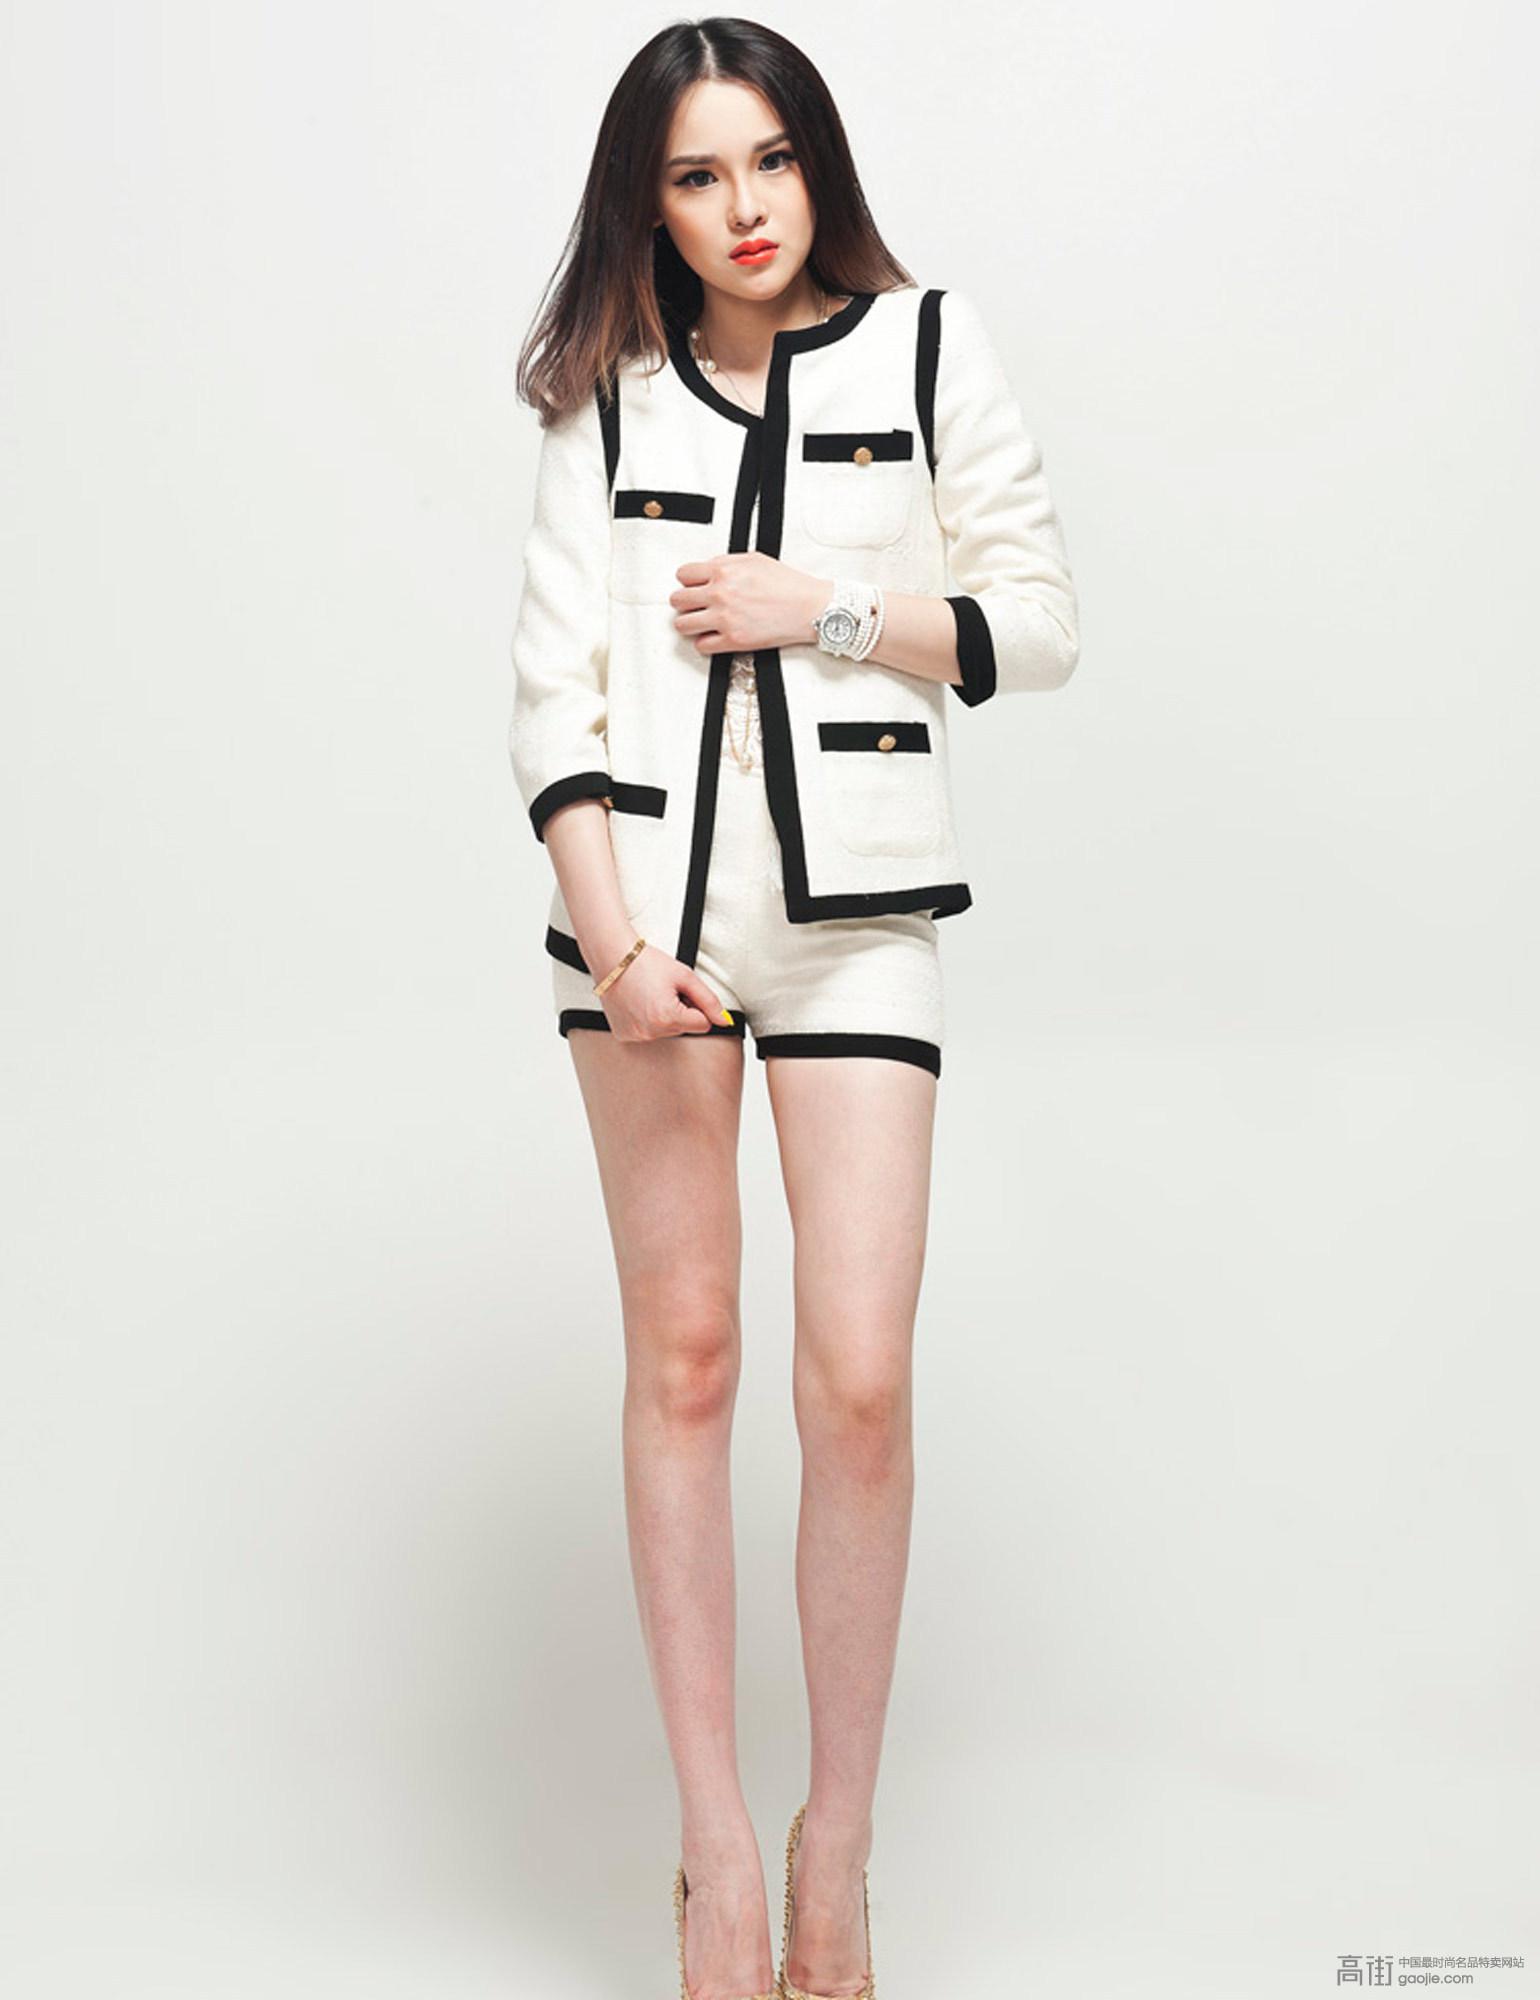 韩国超短裙劲爆现代图片舞蹈服装视频 韩国超蓝警视频2图片